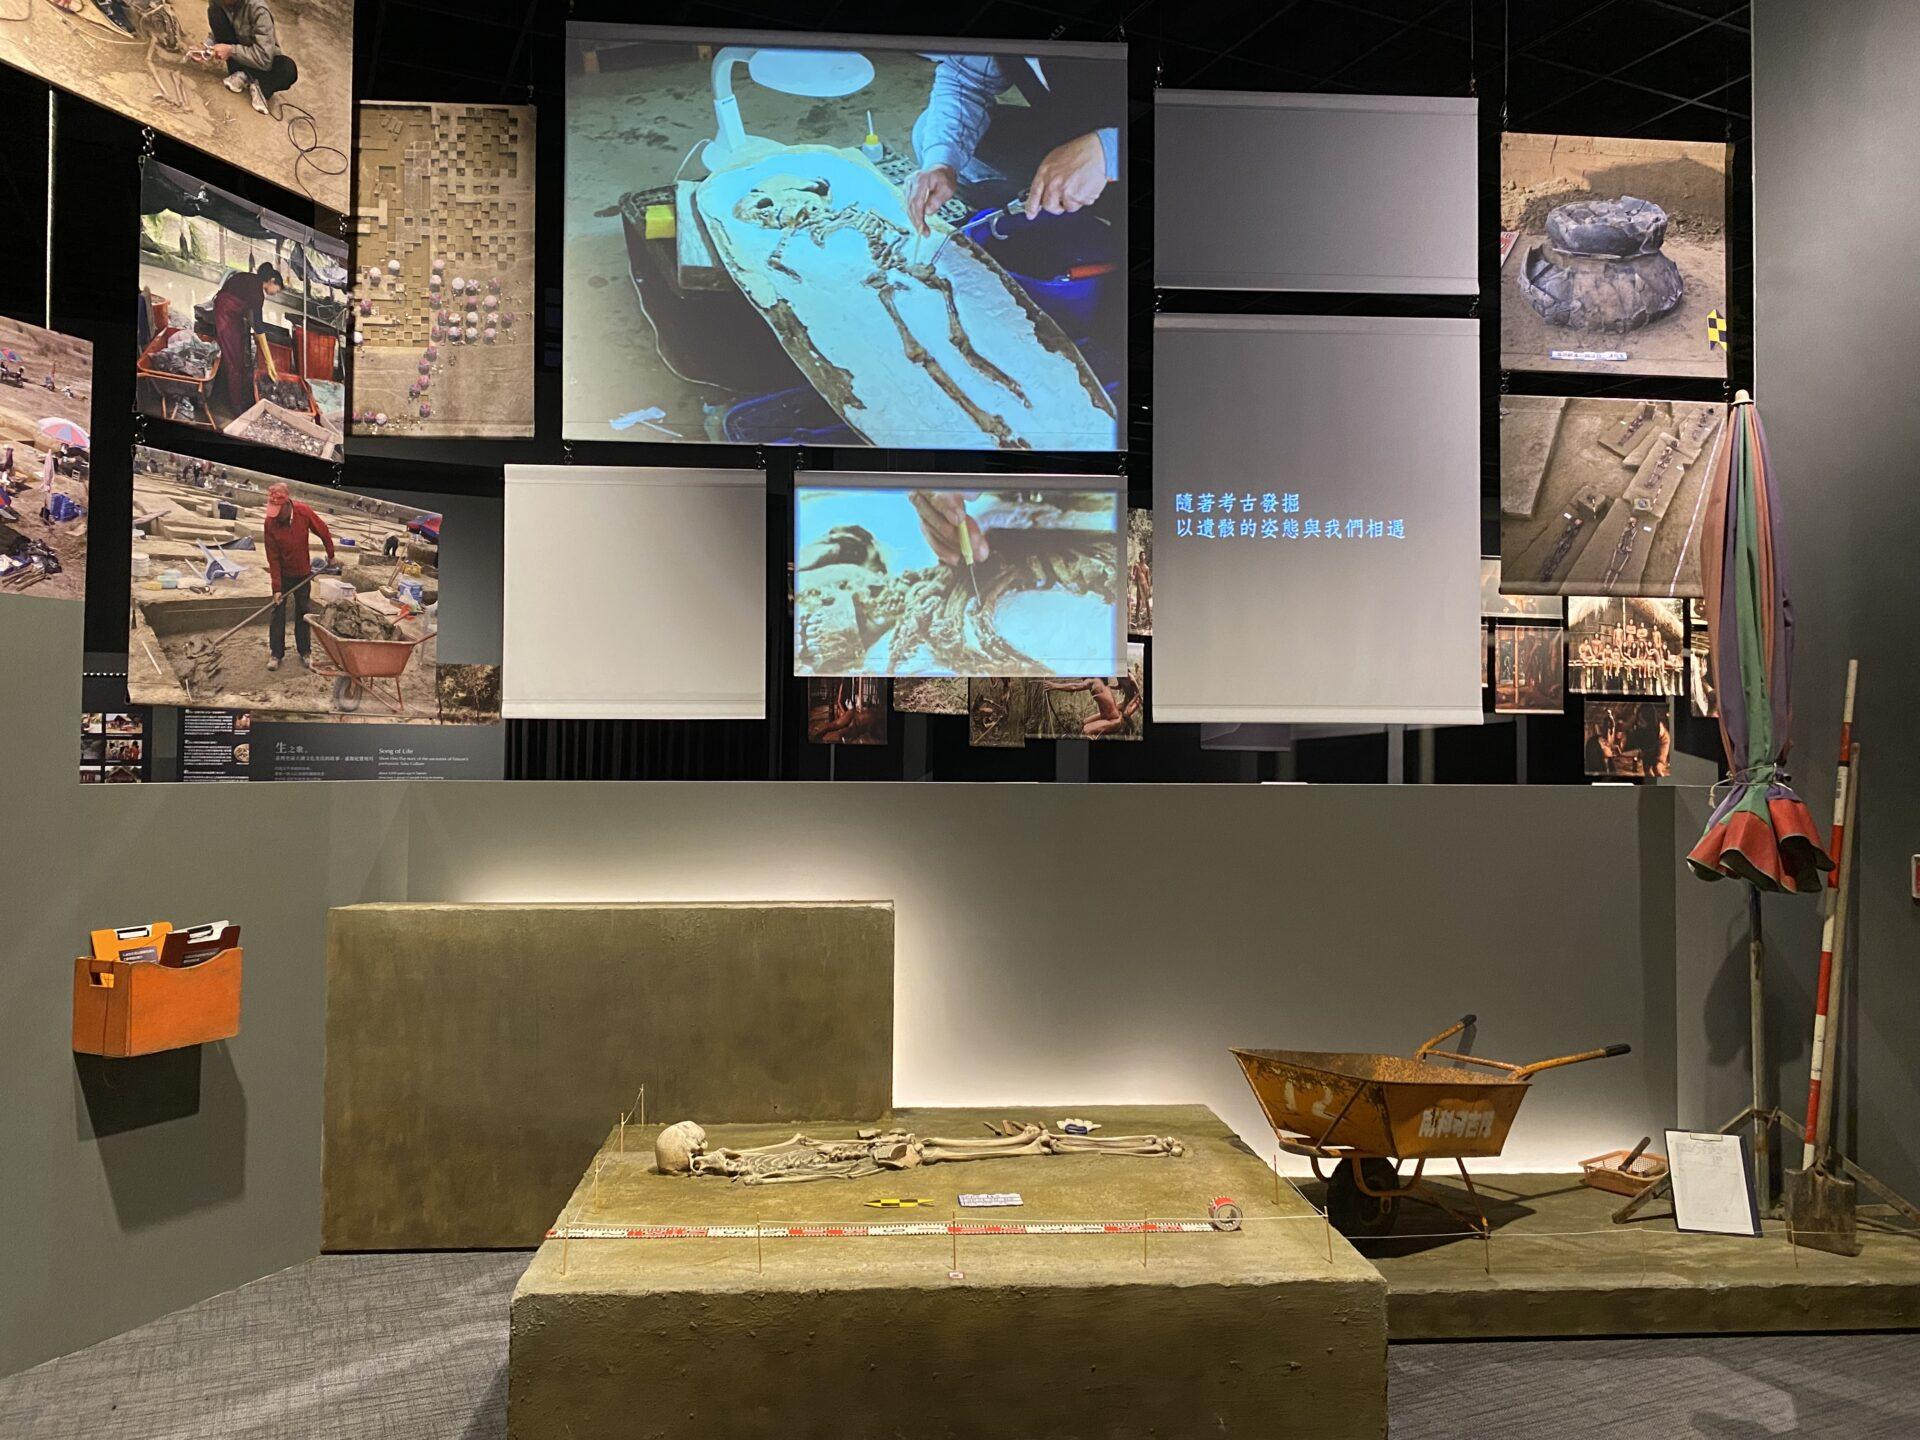 【博物之島專文】喚醒沉睡千年的先人—南科考古館「我們活過」特展讓人骨訴說史前故事